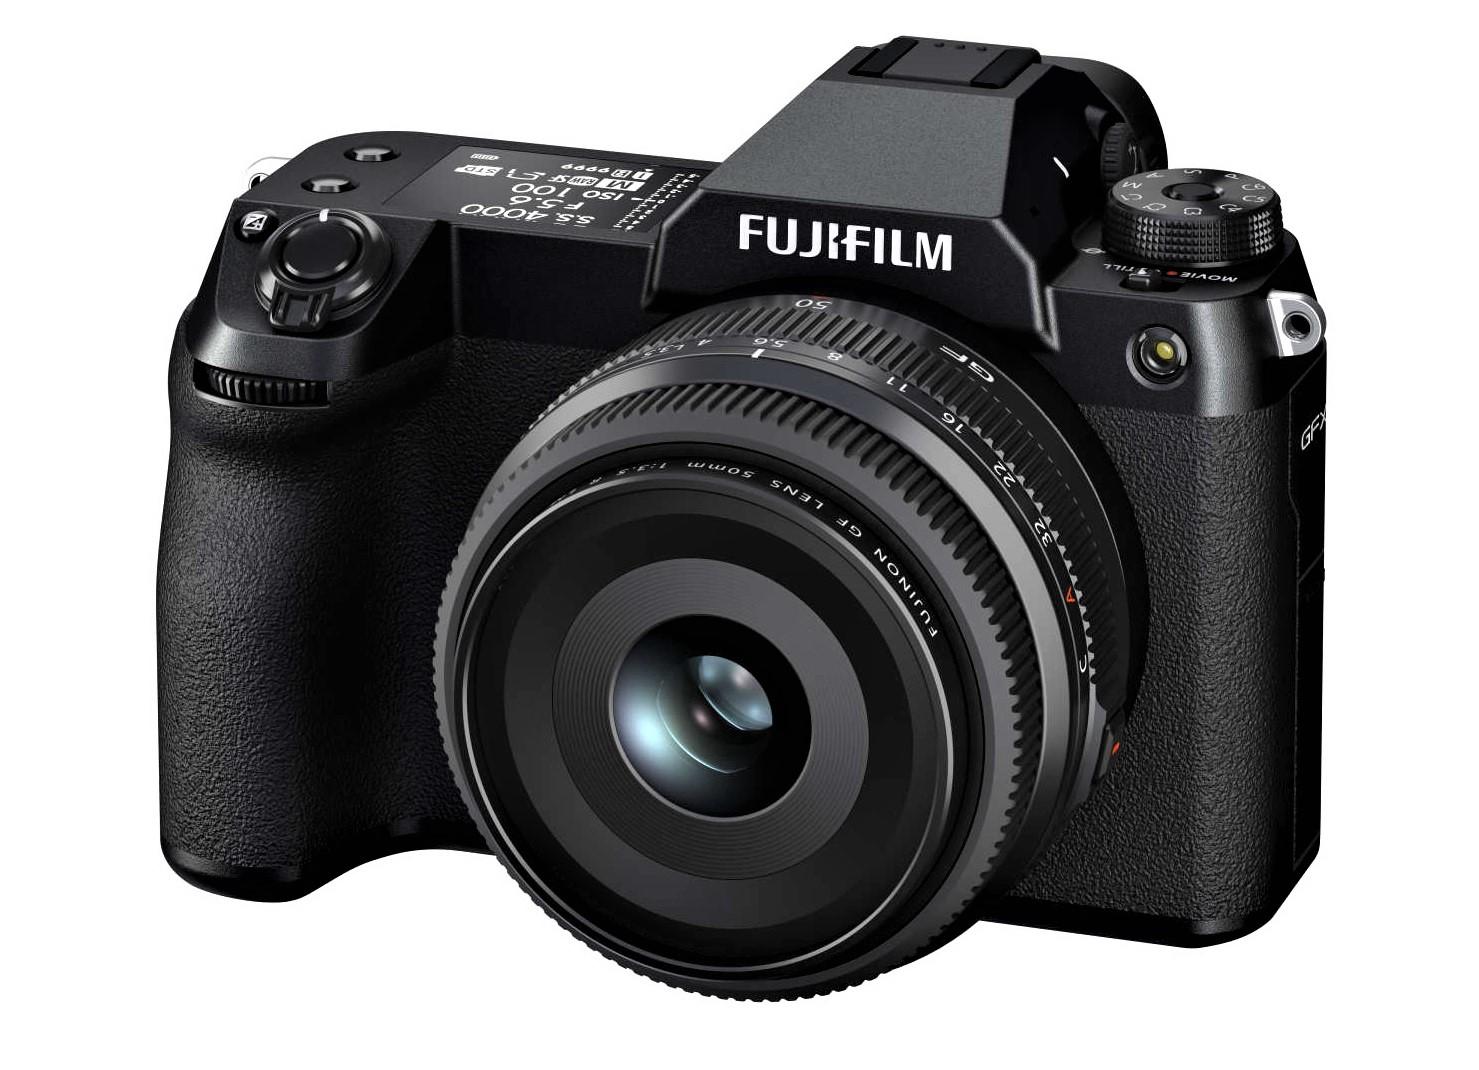 Die neue FUJIFILM GFX100S – Kompakte spiegellose Systemkamera mit großformatigem 102-Megapixel-Sensor